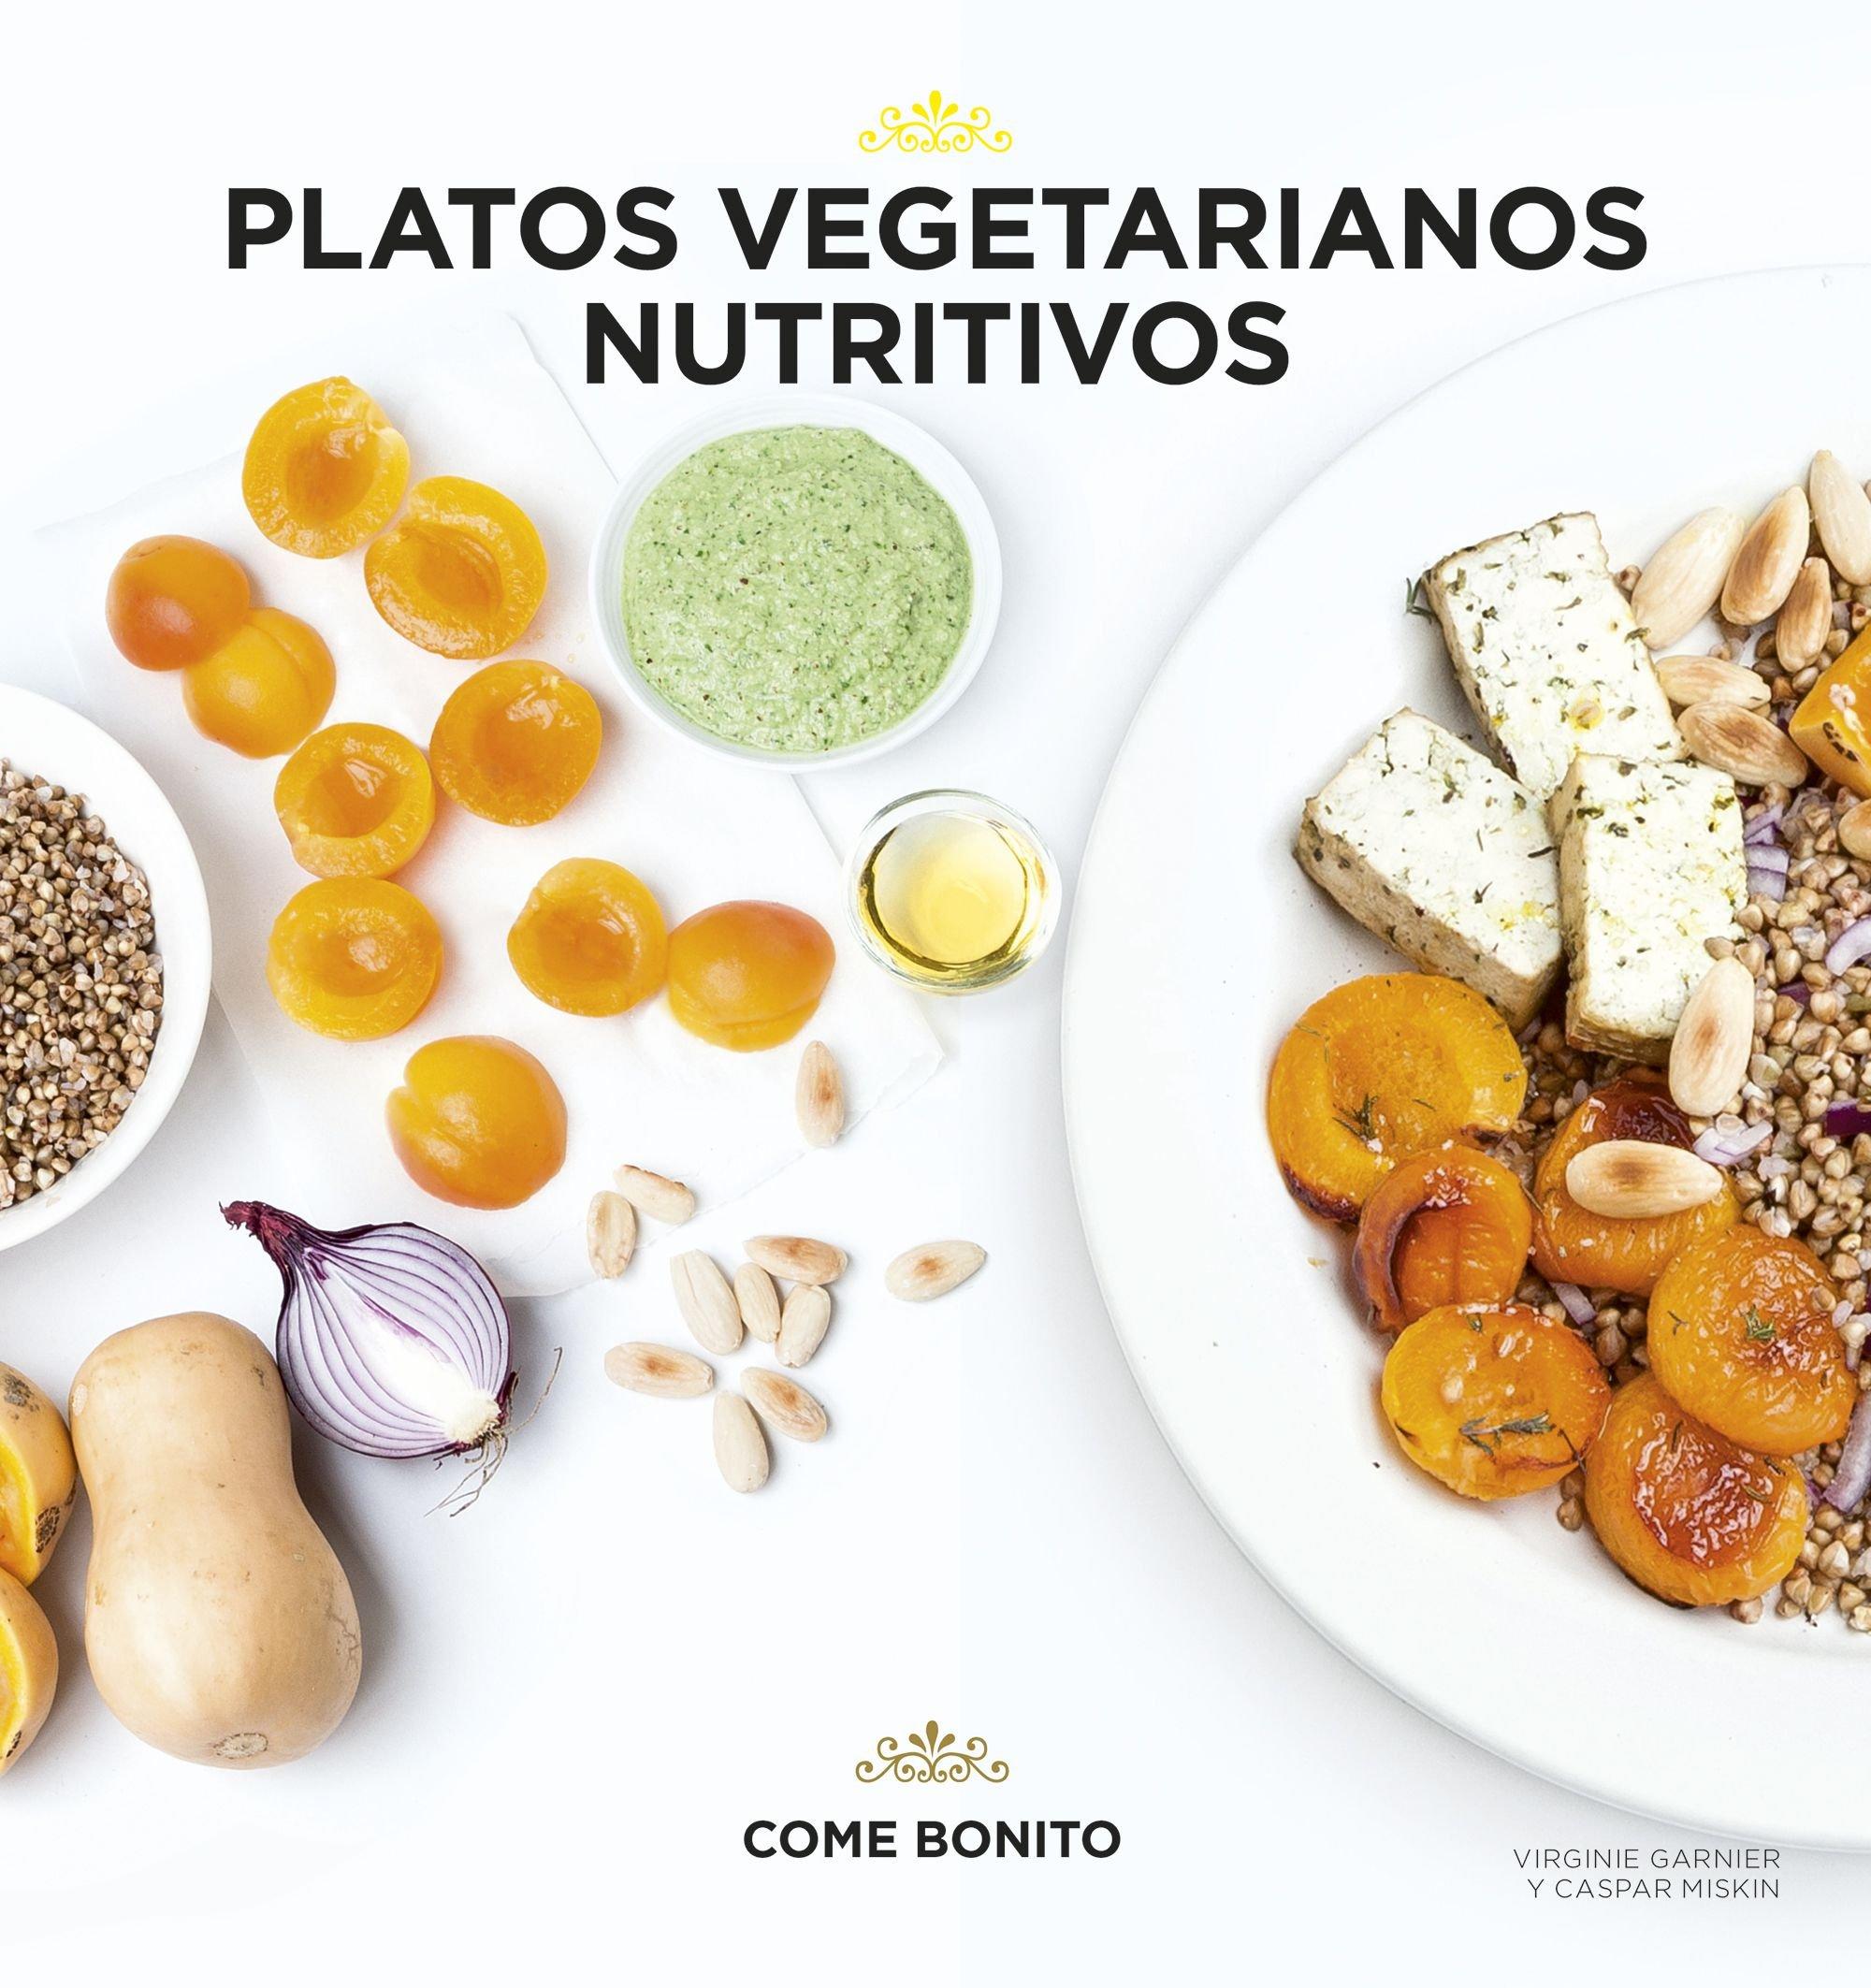 Platos vegetarianos nutritivos (Come bonito): Amazon.es: Virginie Garnier, Caspar Miskin, Dolors Gallart: Libros